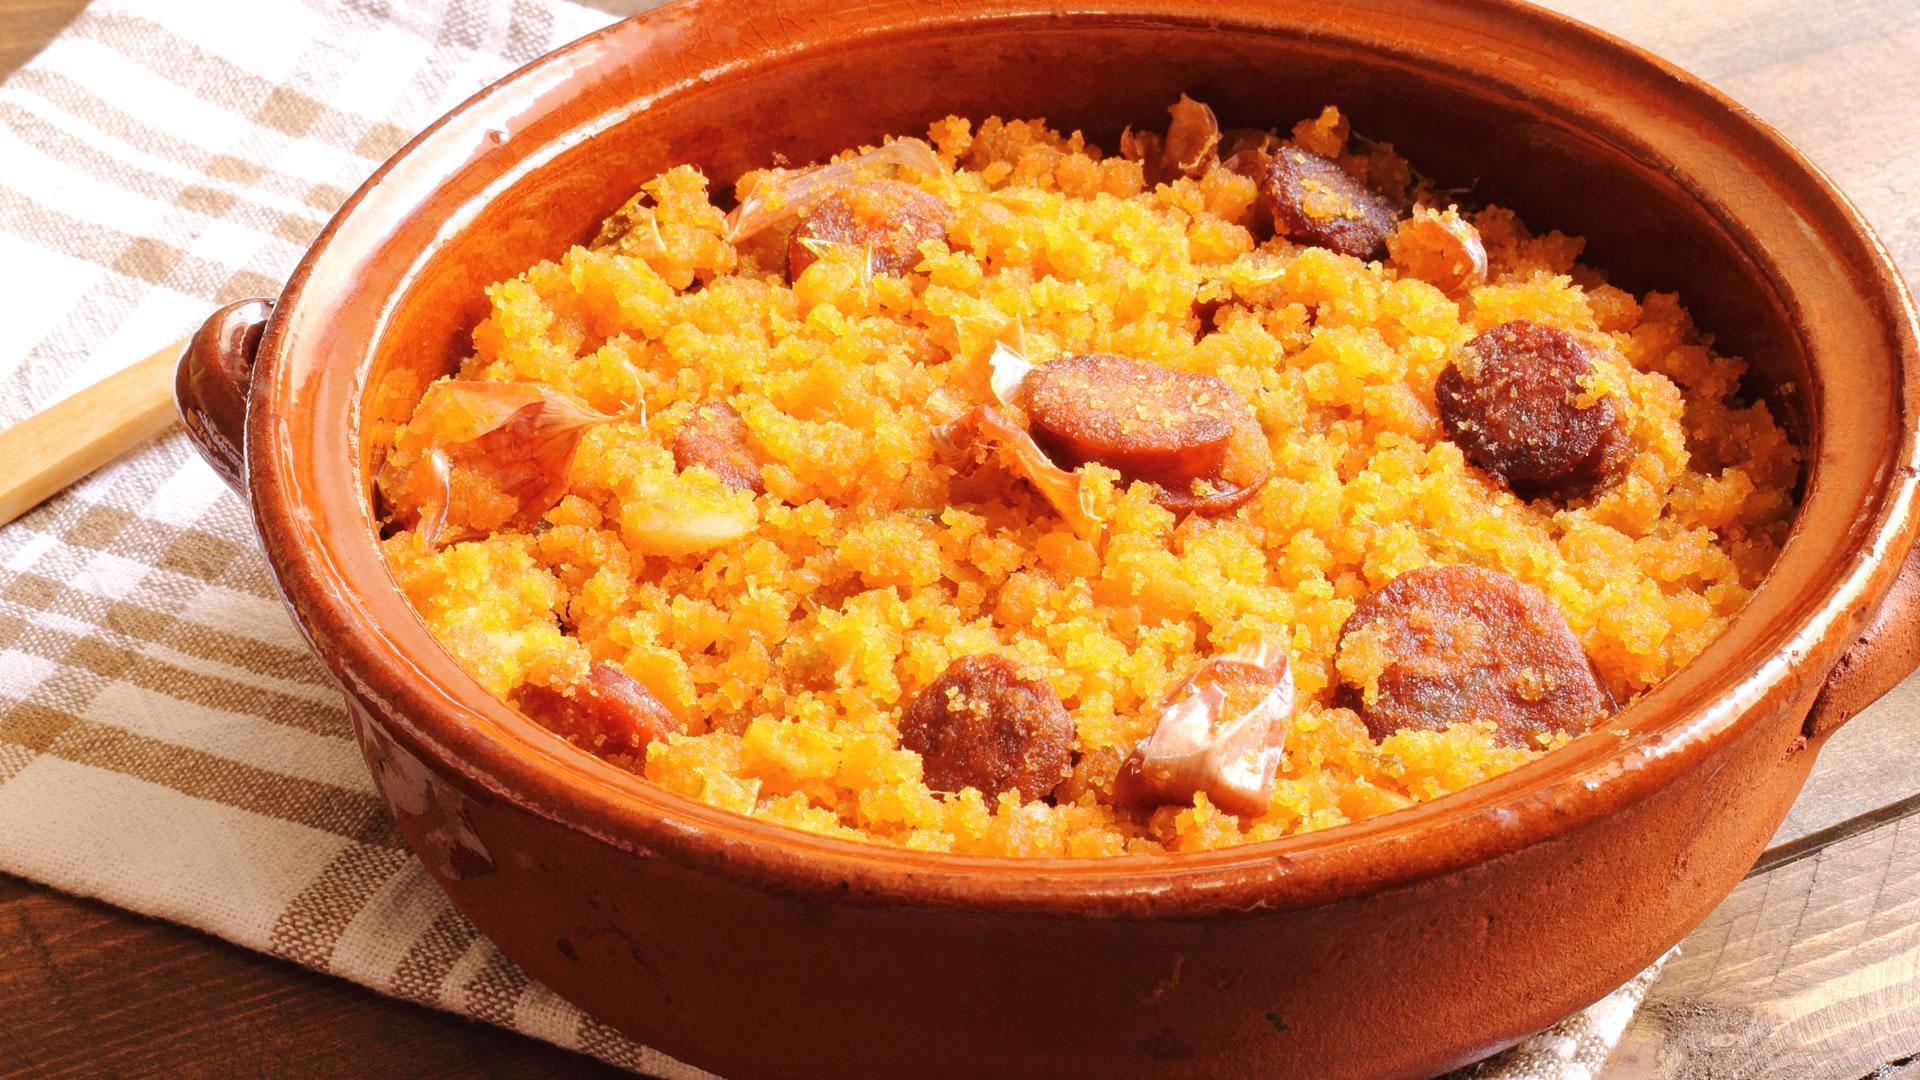 Amazing Tapas in Seville - Migas del pastor (Shepherd's breadcrumbs)